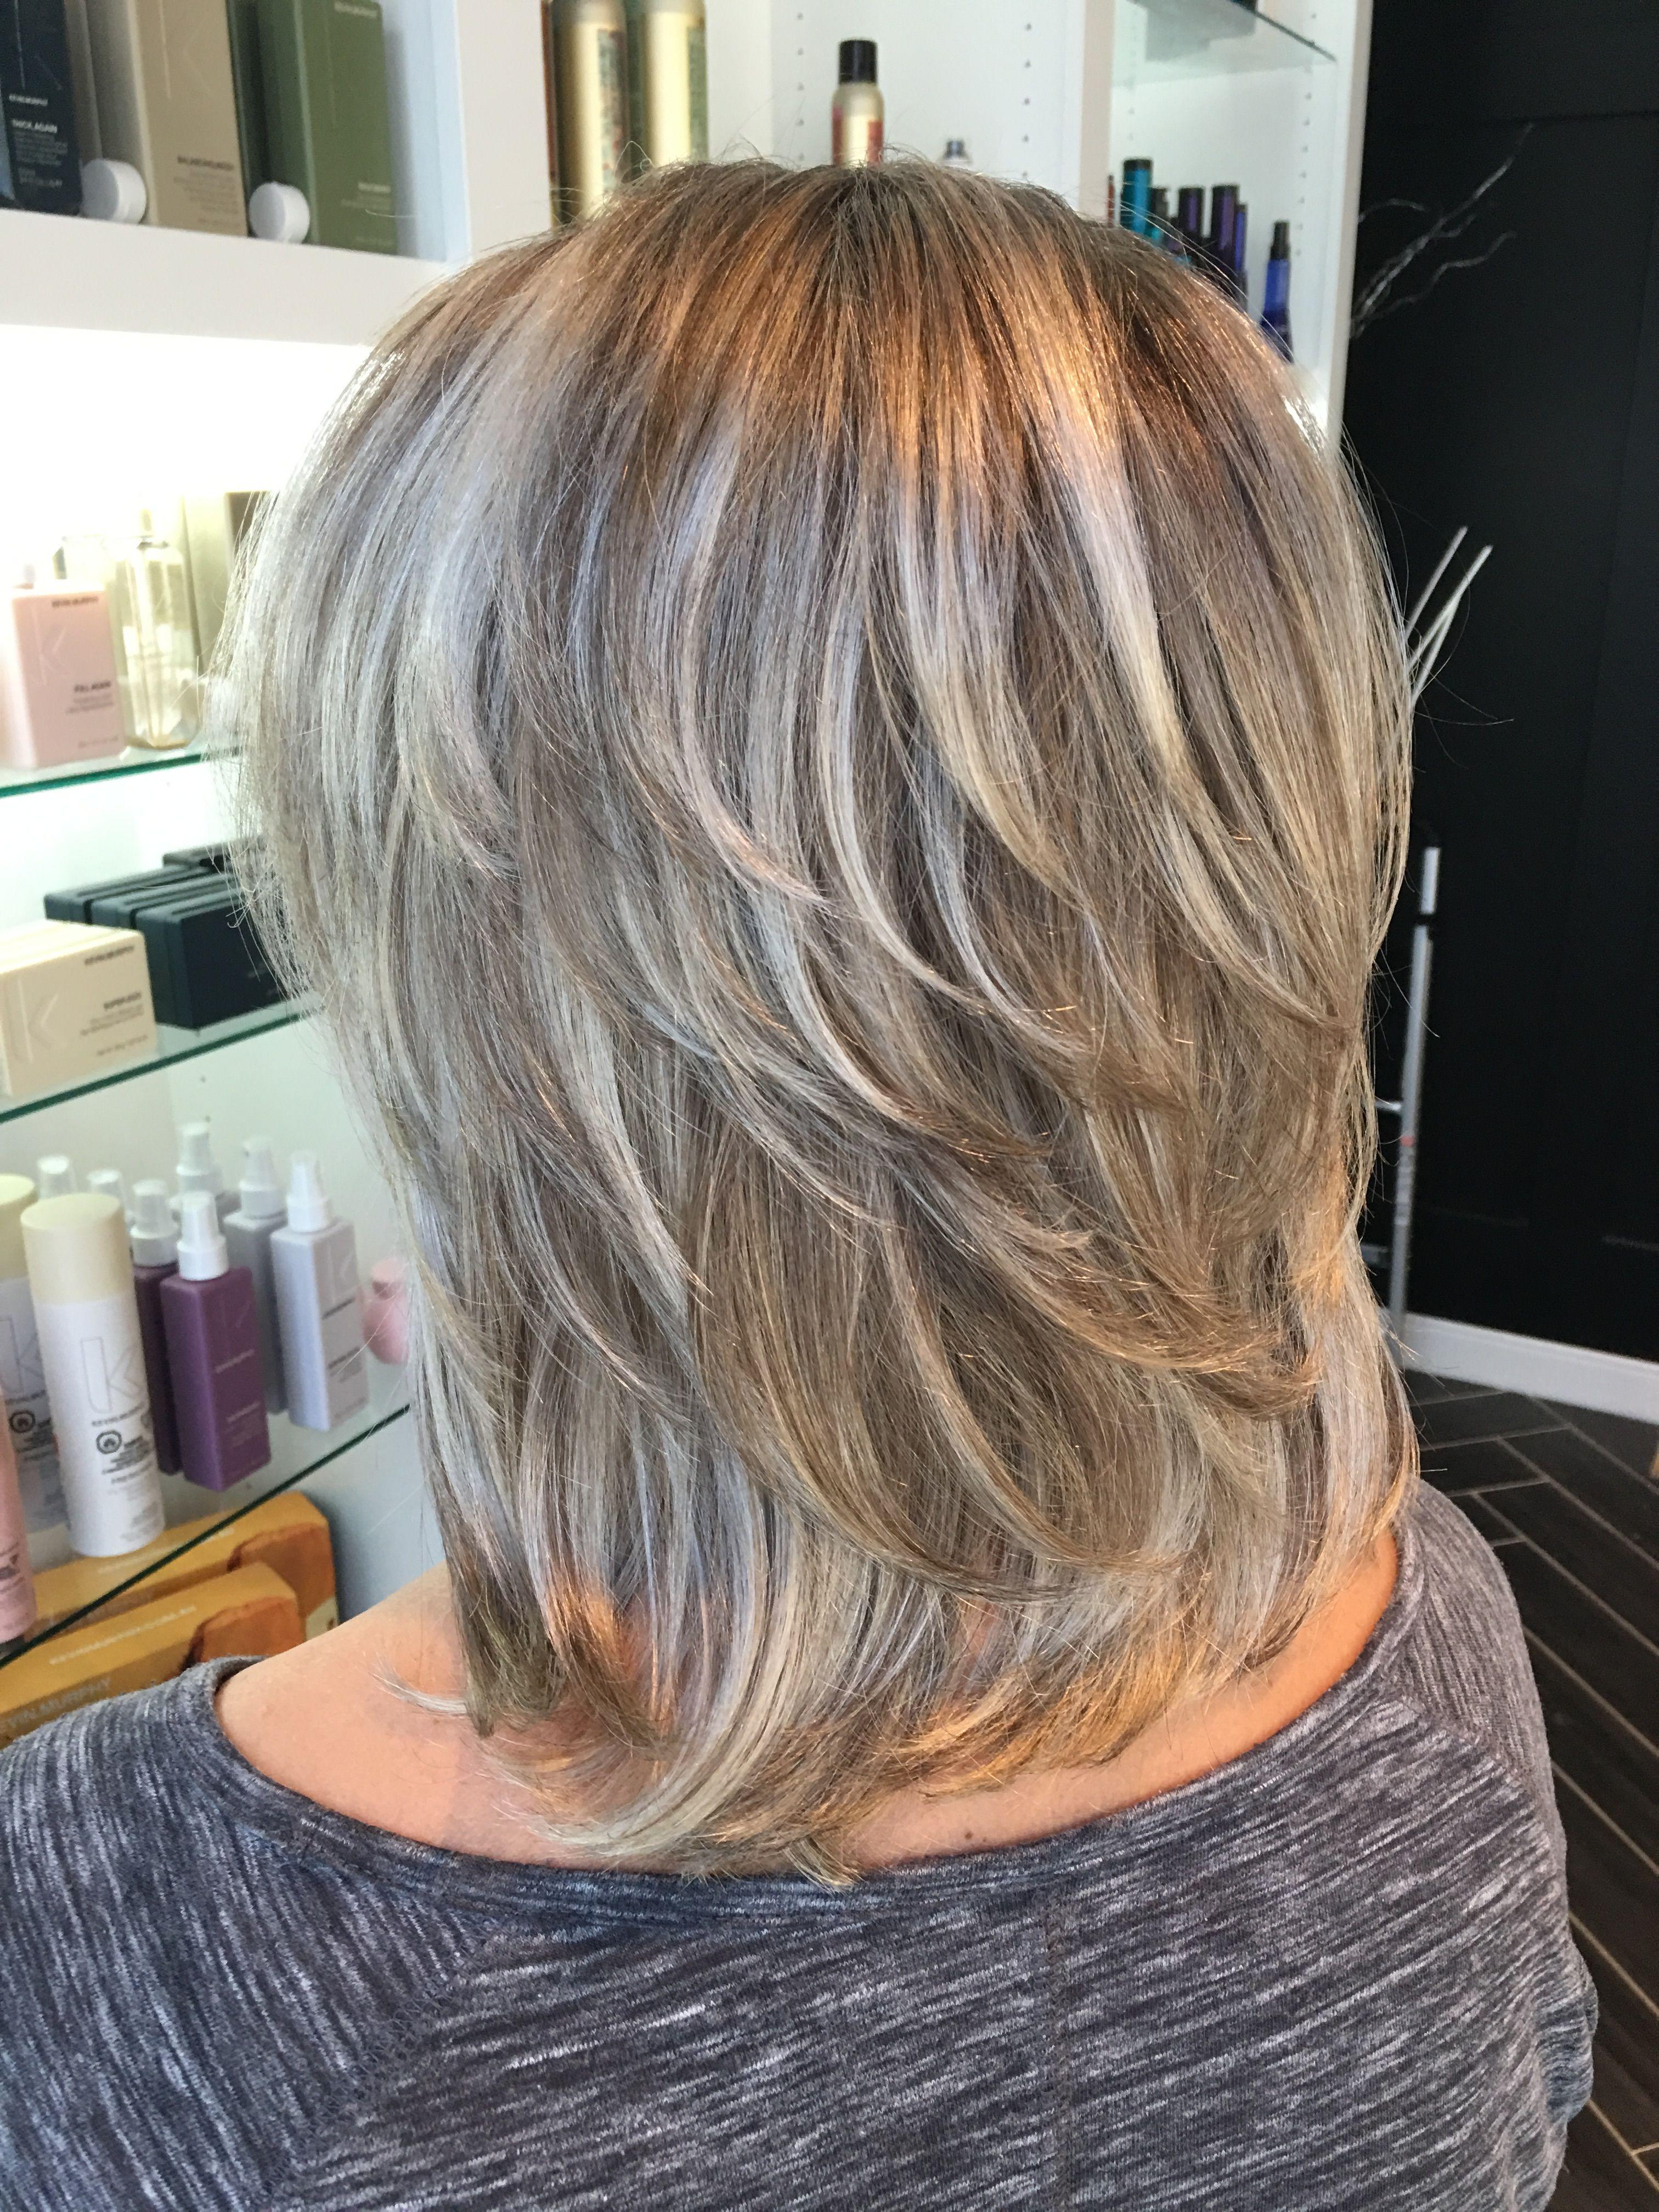 pretty | A Cut Above | Hair, Hair cuts, Medium hair cuts